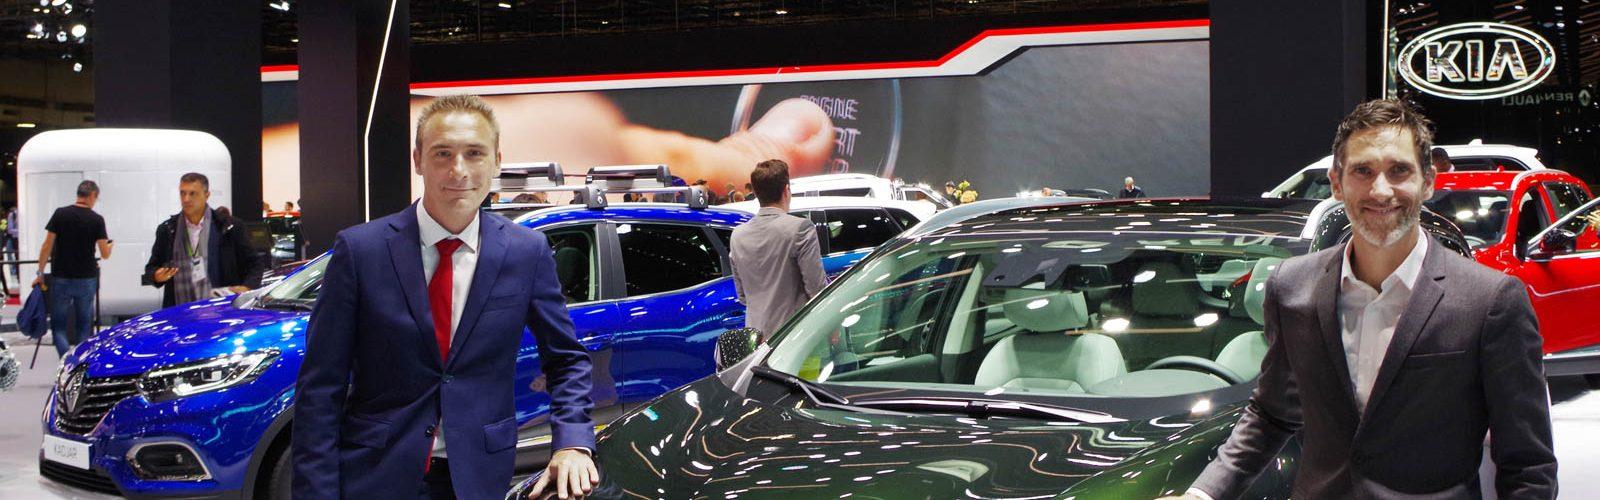 LNA 1810 Renault Kadjar Interview 6